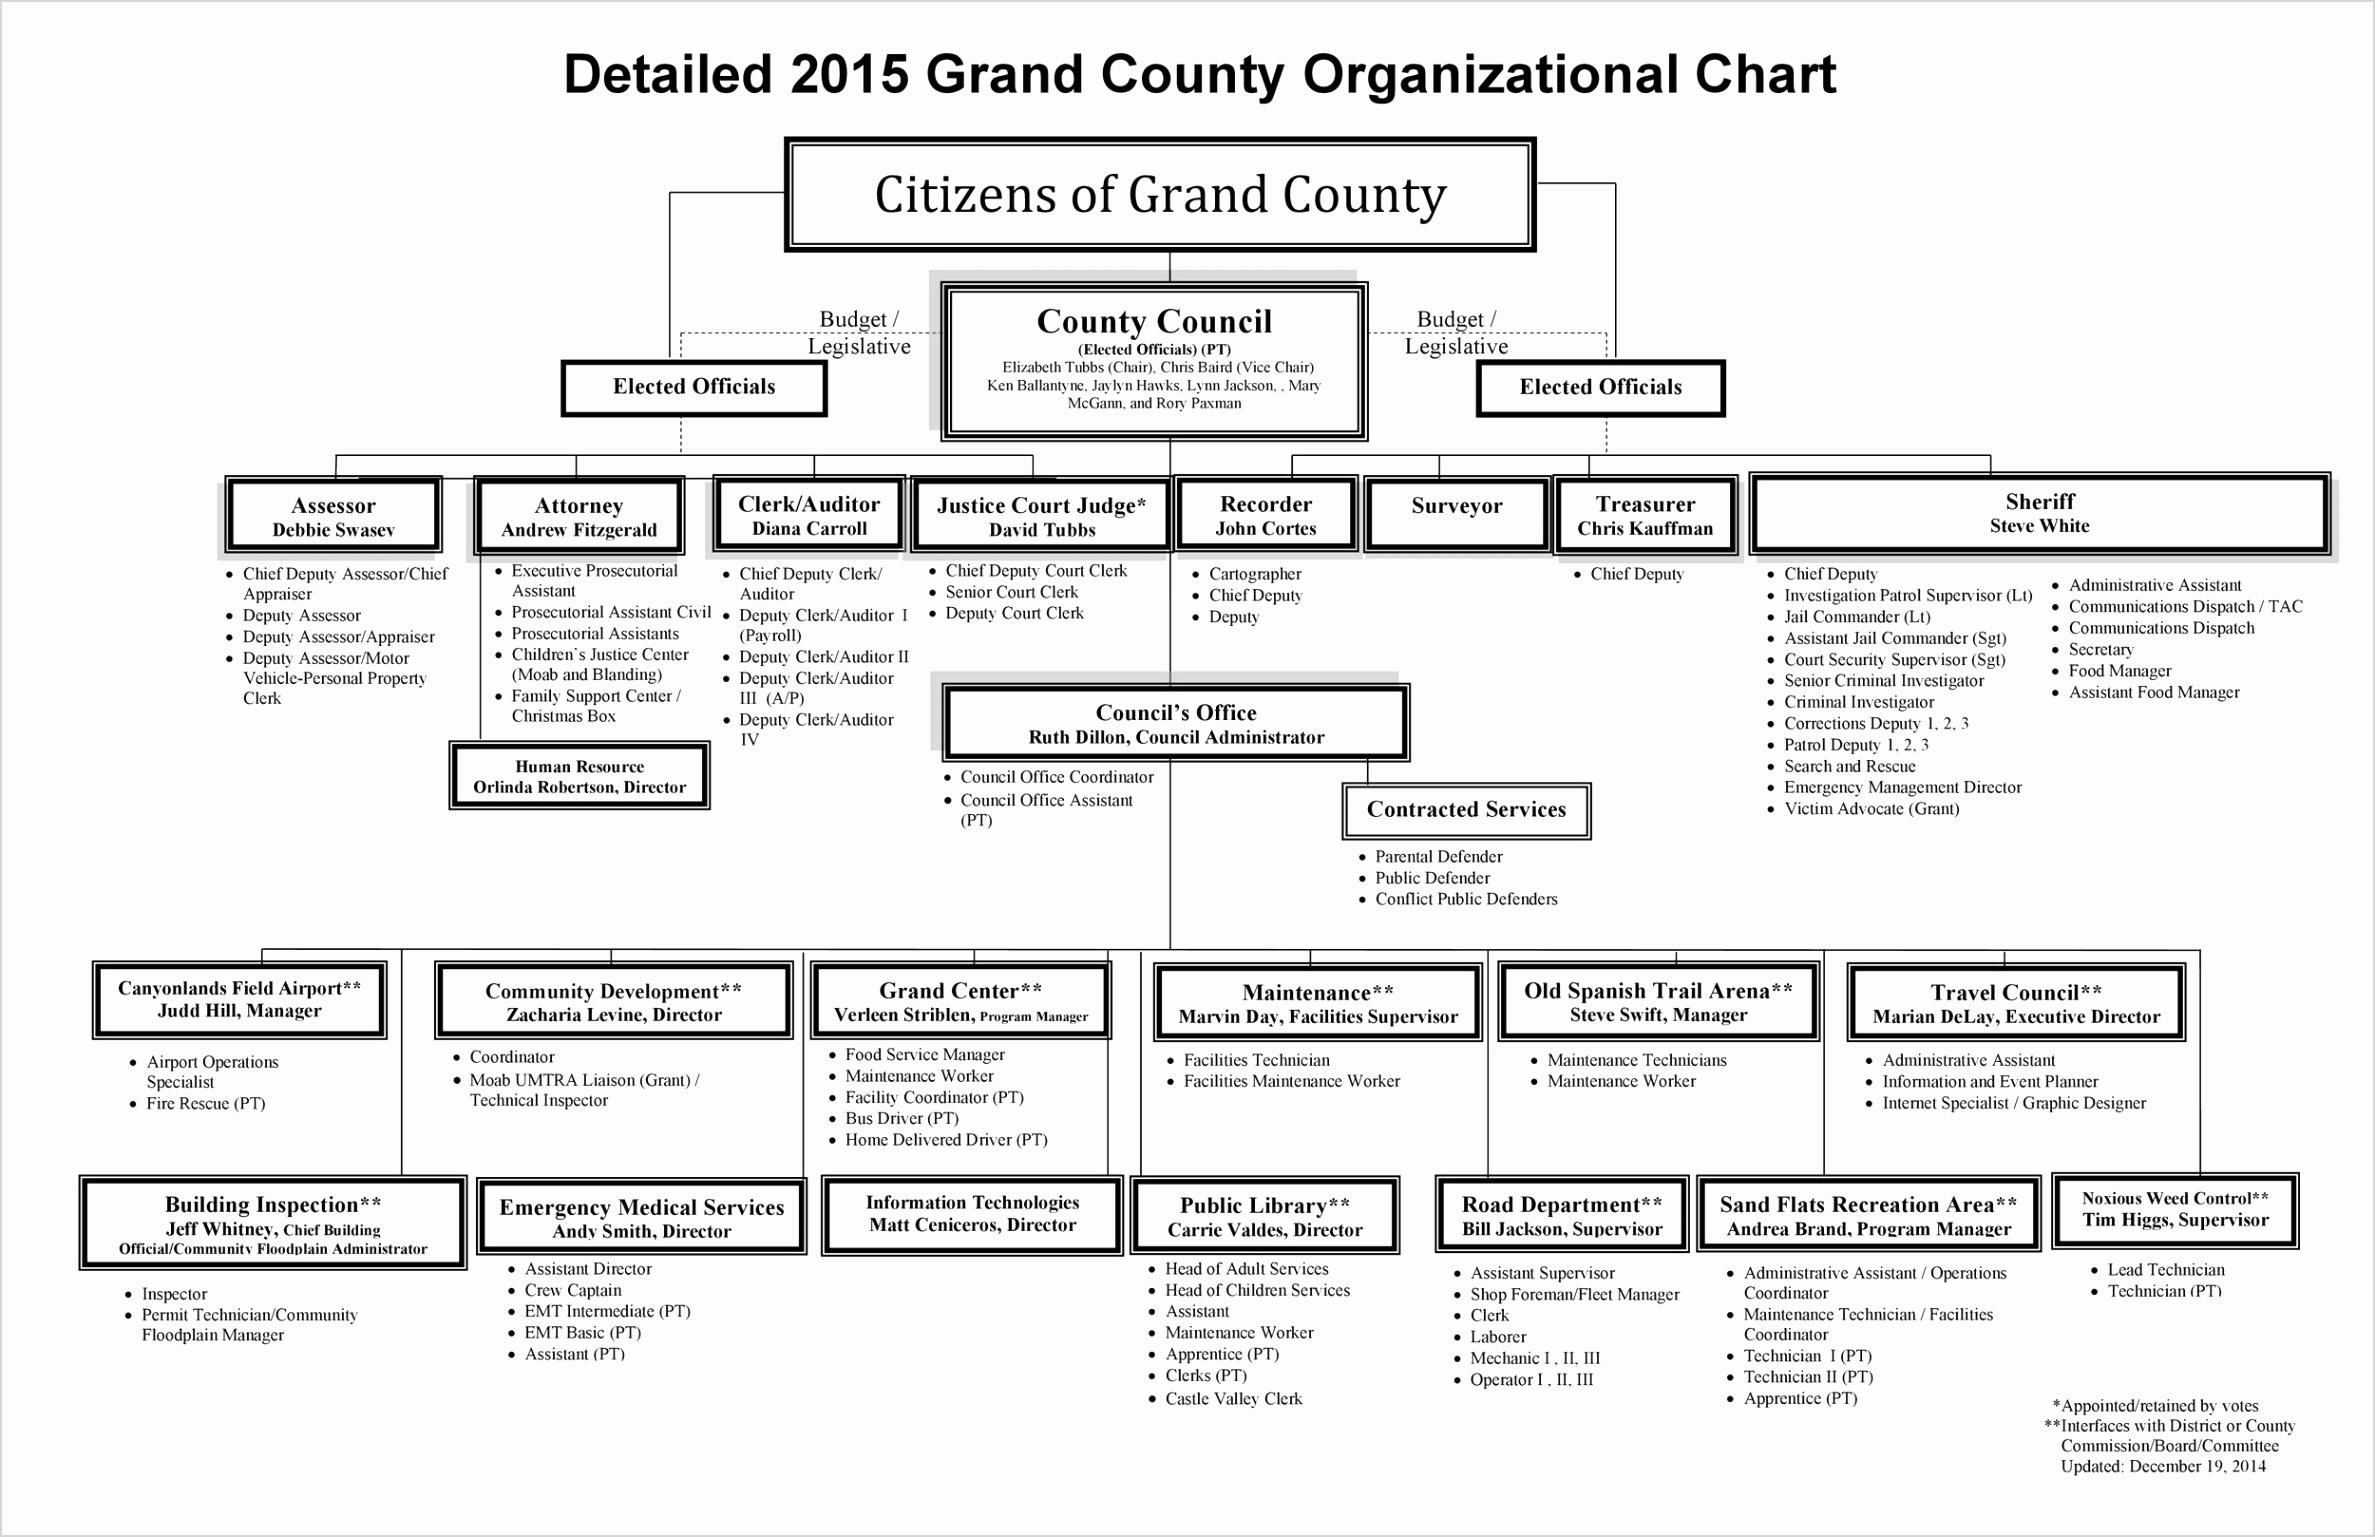 Organizational Chart 15